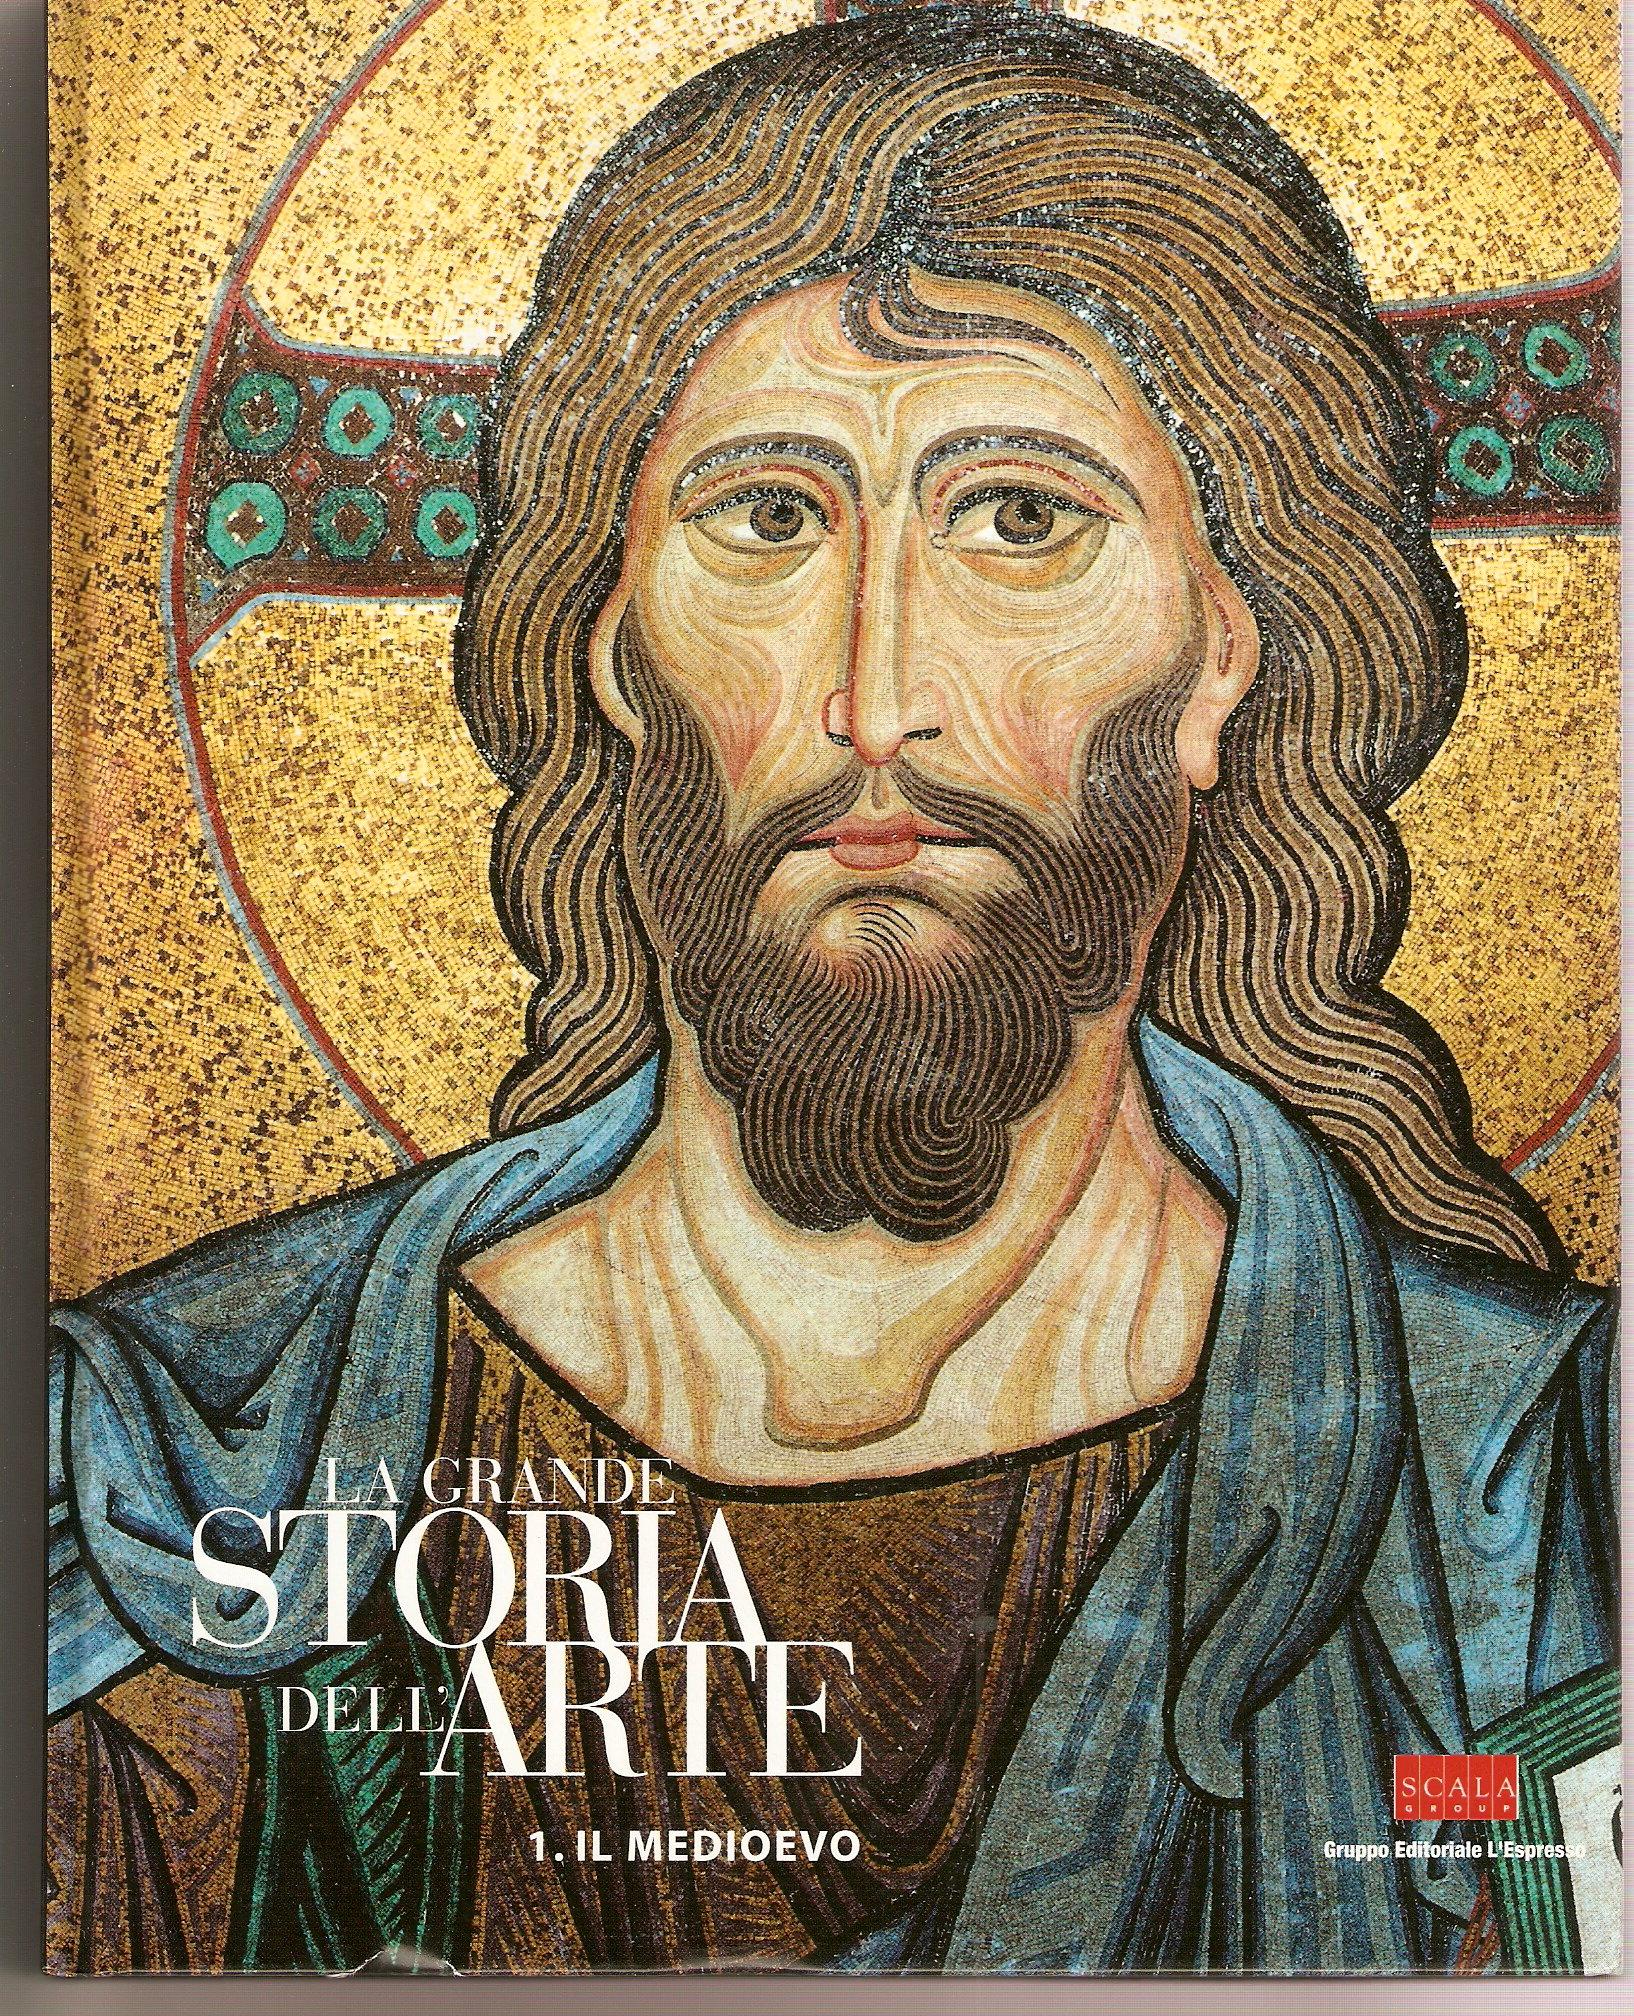 La grande storia dell'arte 1